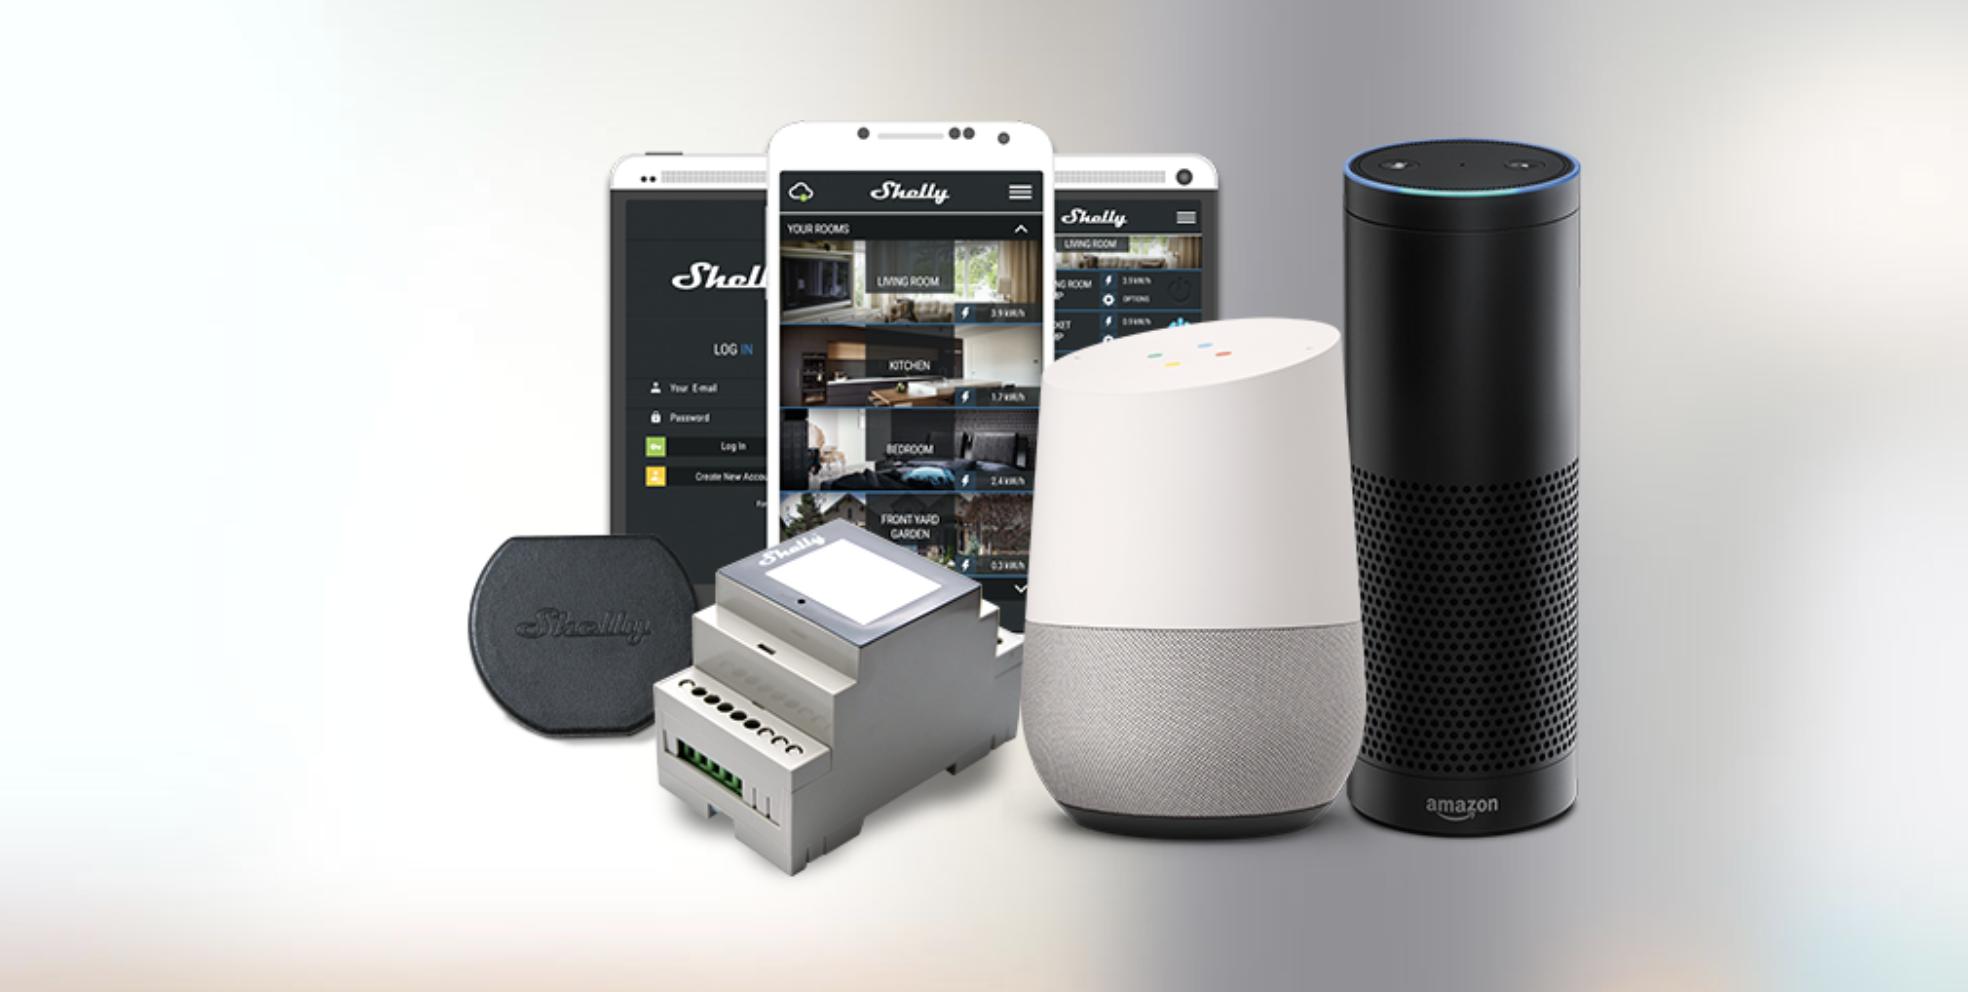 Prodotti Domotici Cosa Sono ecco i migliori interruttori smart per automatizzare la casa